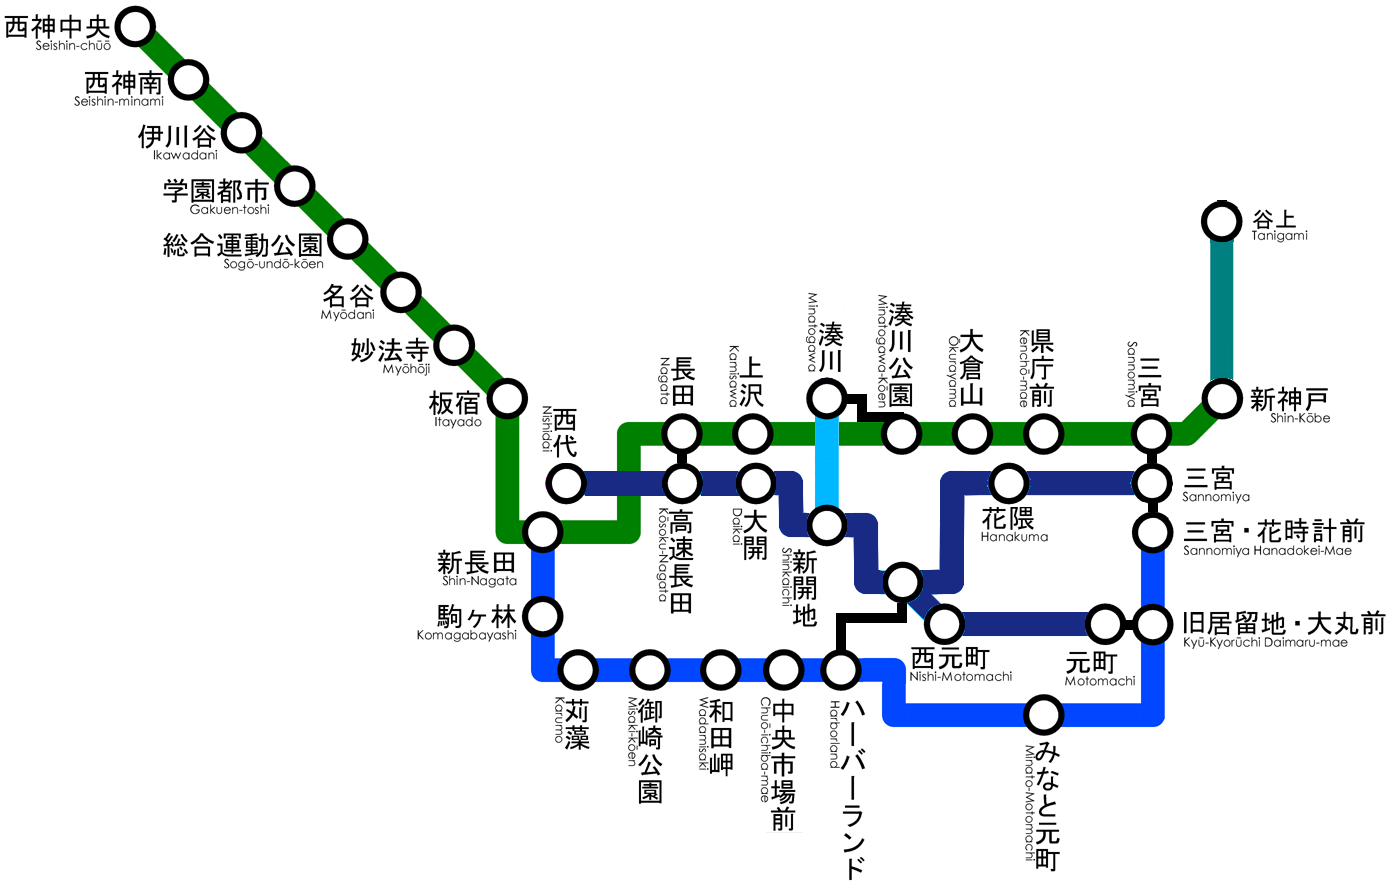 Sapporo Municipal Subway Map.Kobe Municipal Subway Rapid Transit Wiki Fandom Powered By Wikia